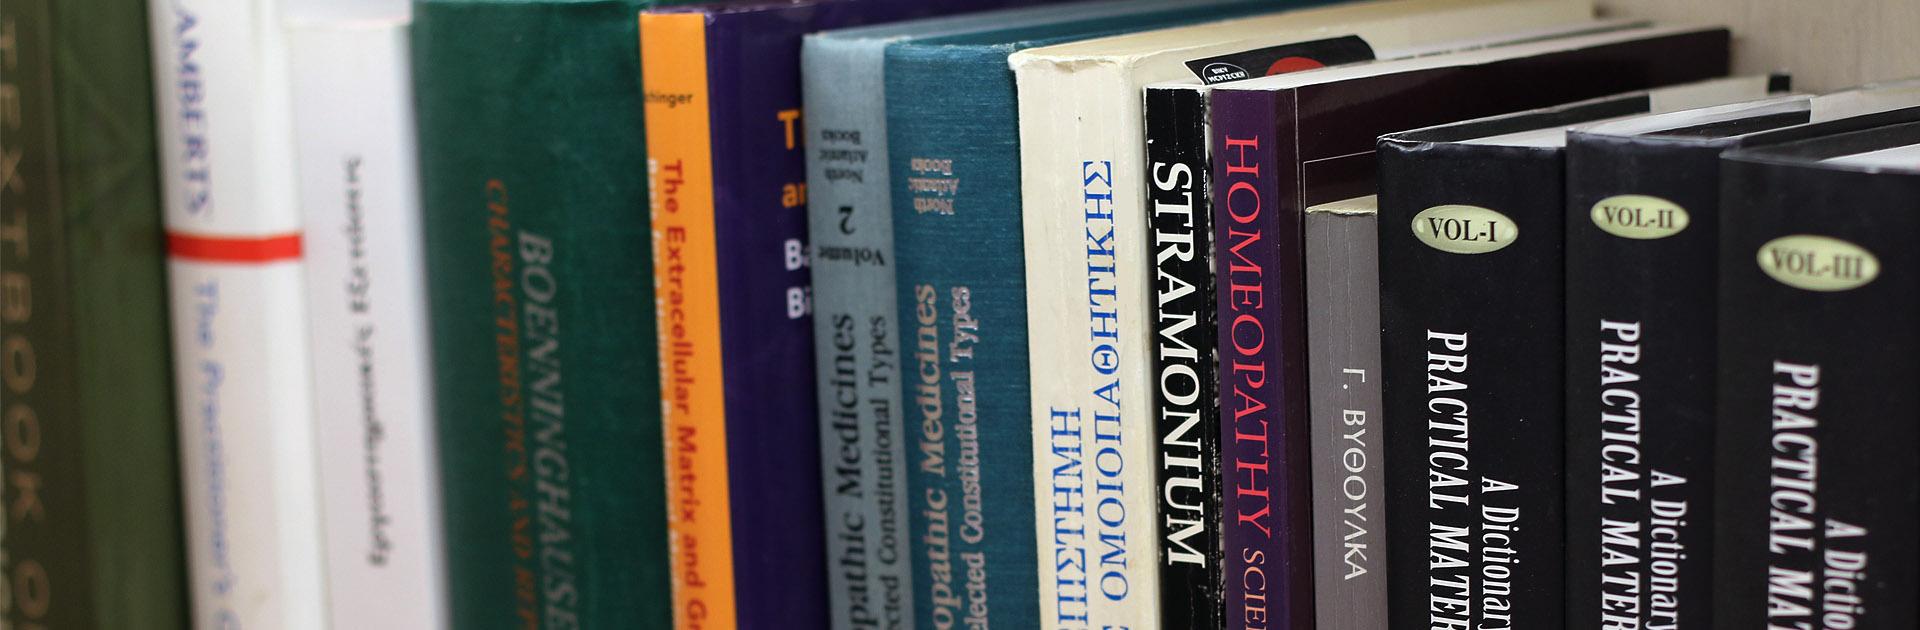 Βιβλία Ομοιοπαθητικής - Ιατρικής - Πέτρος Κράχτης